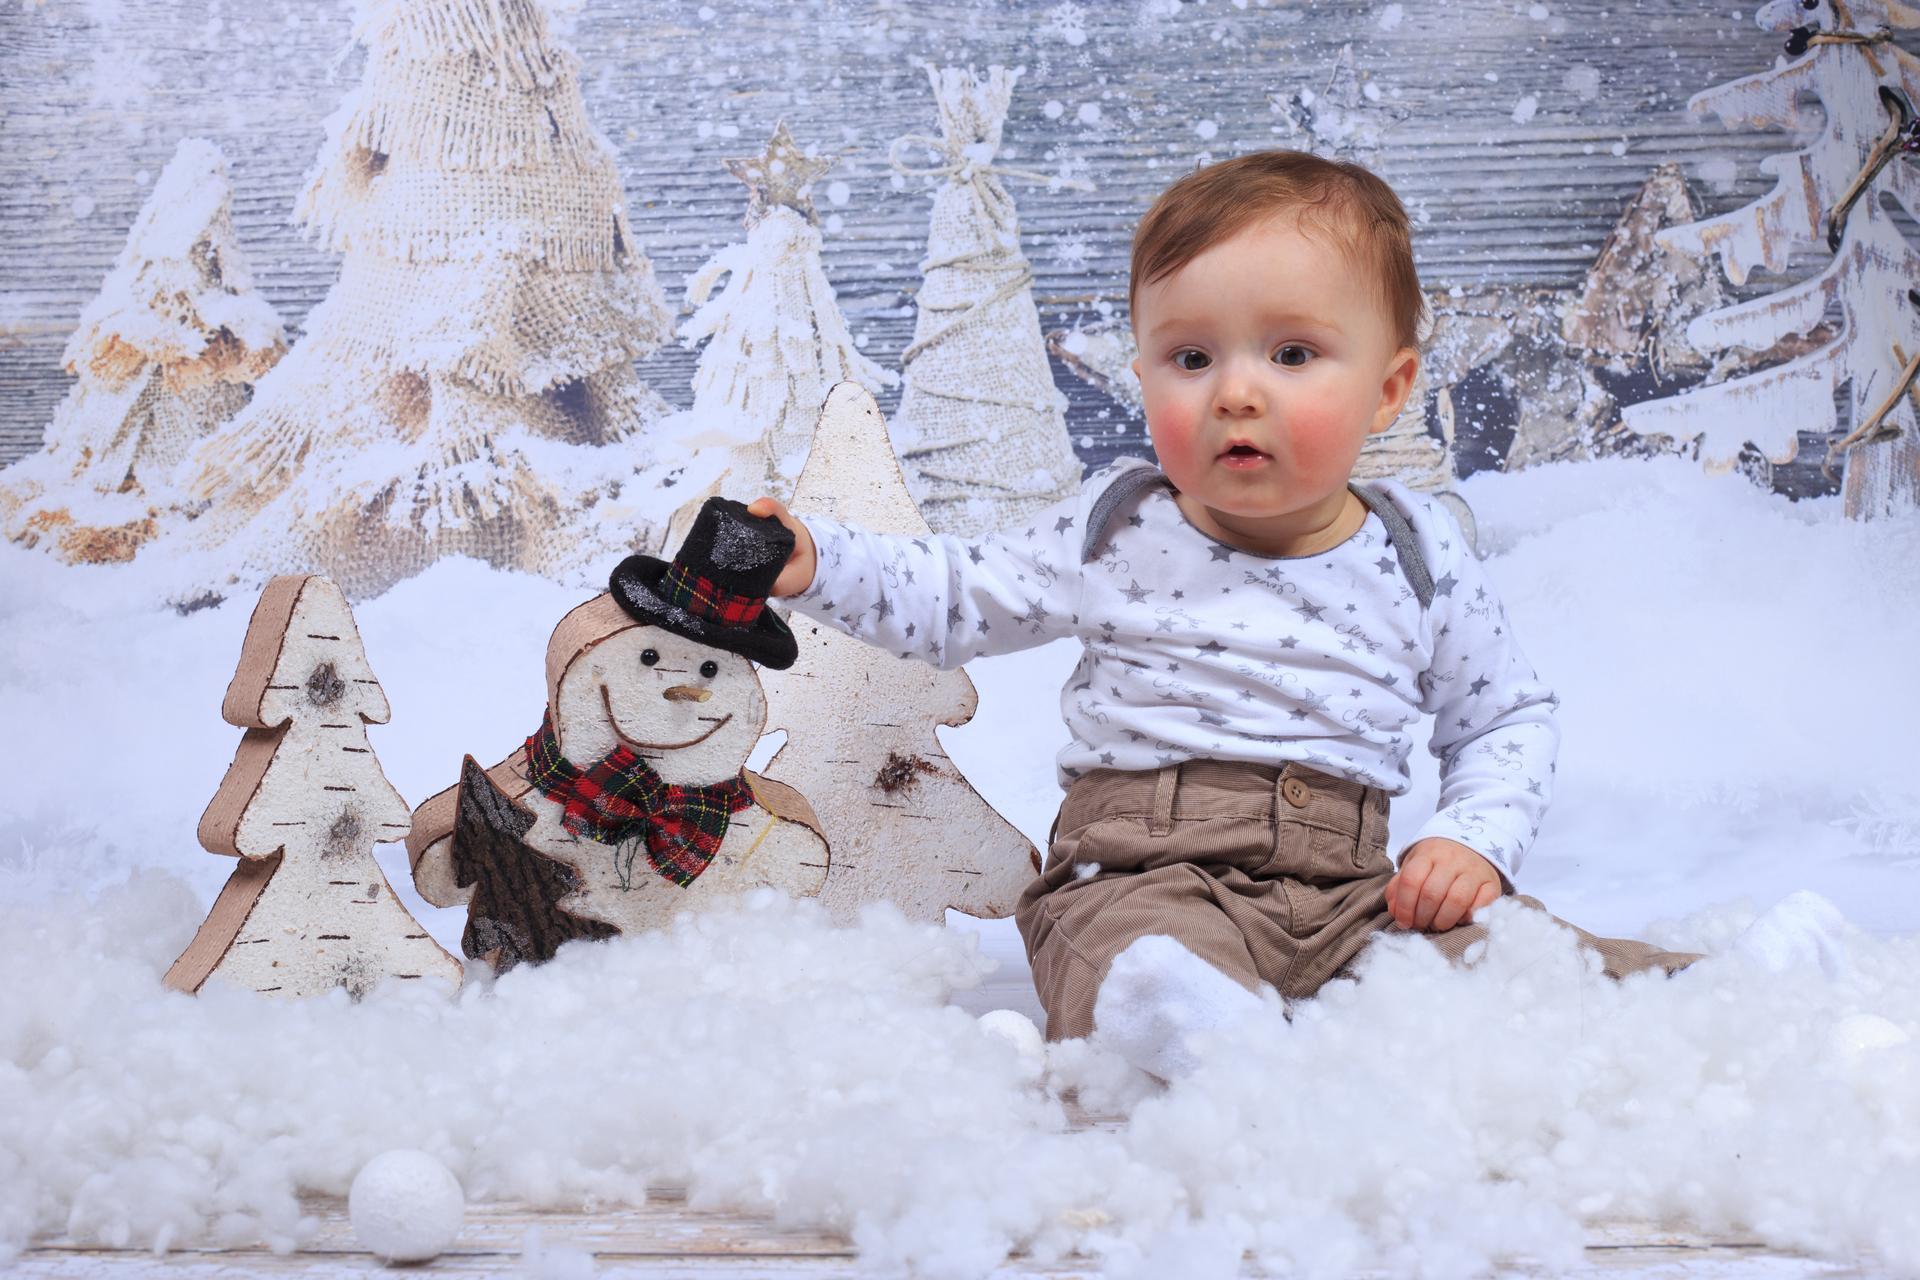 Přeji Vám všem krásné prožití vánočních svátků a v novém roce hlavně hodně zdraví ❤️ Budou to naše první společné Vánoce ve třech, moc se na ně těšíme ❤️ A hned po novém roce, 2.1. oslaví Honzík své 1. narozeniny ❤️ - Obrázek č. 2